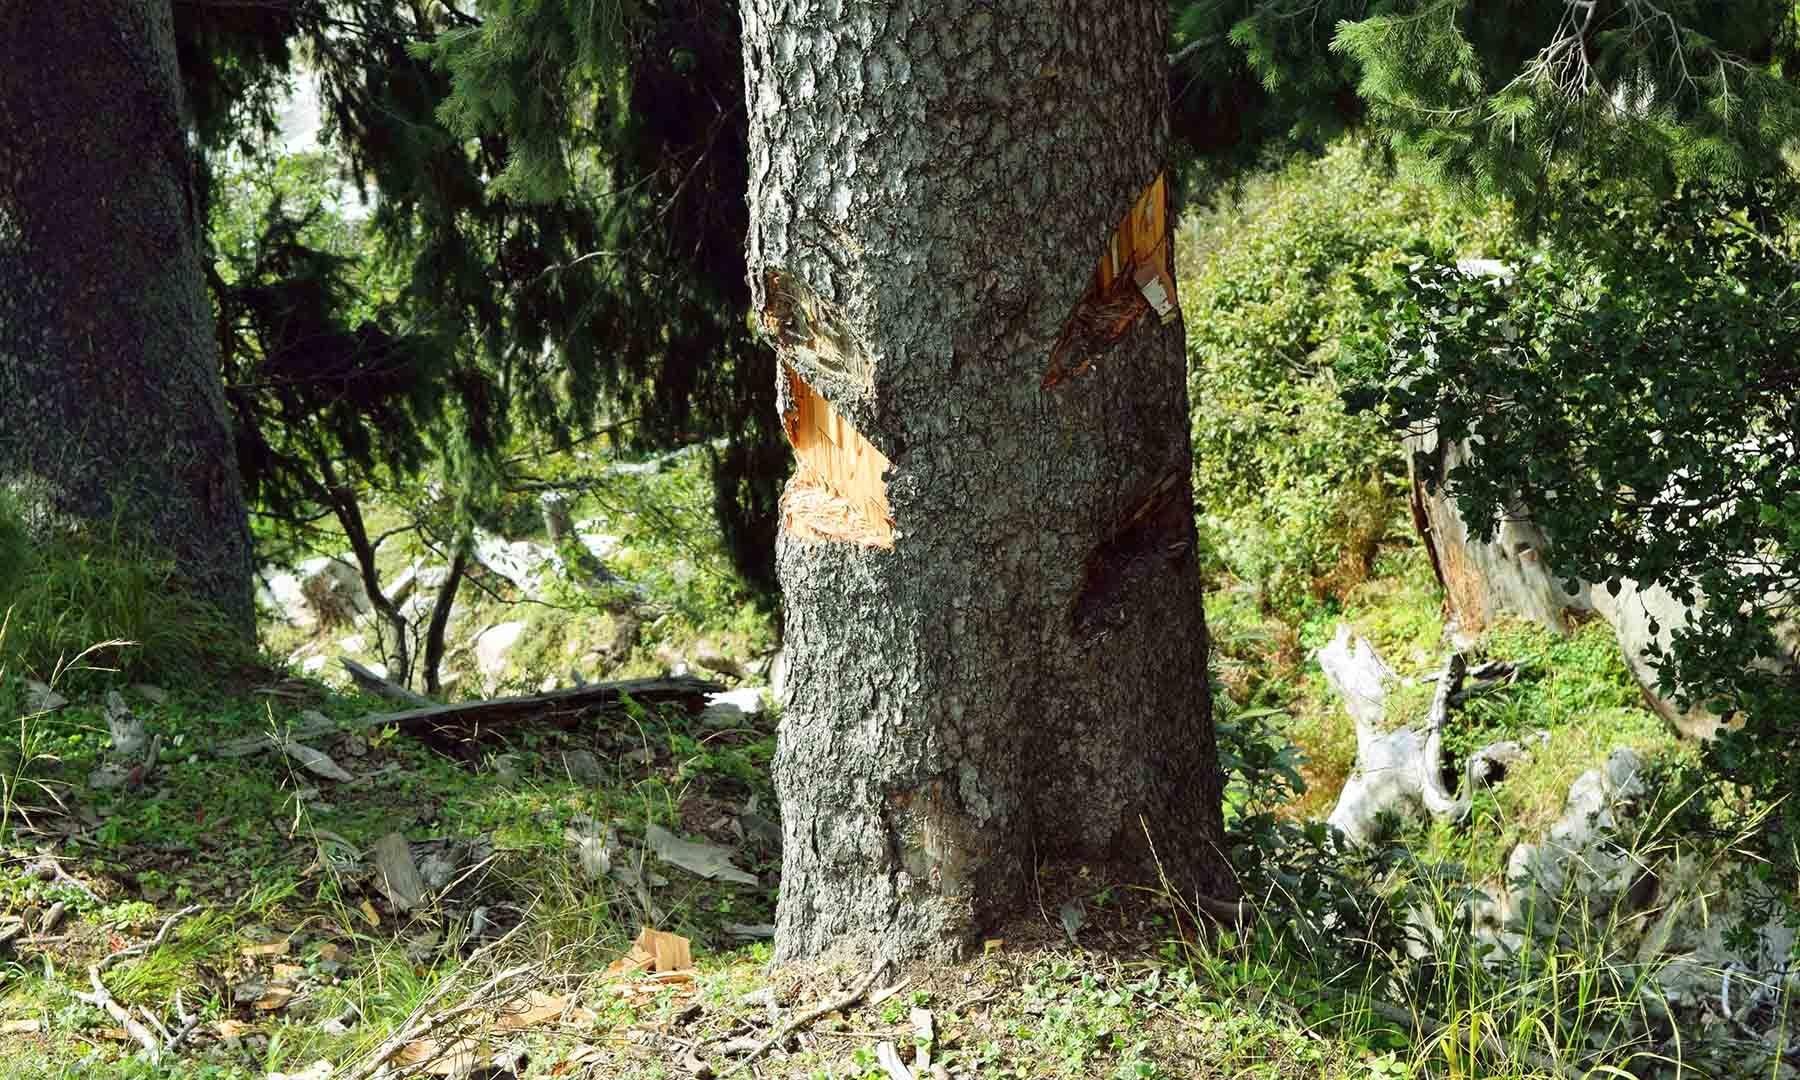 درخت پر کلہاڑے کی تازہ ضرب موجود ہے۔